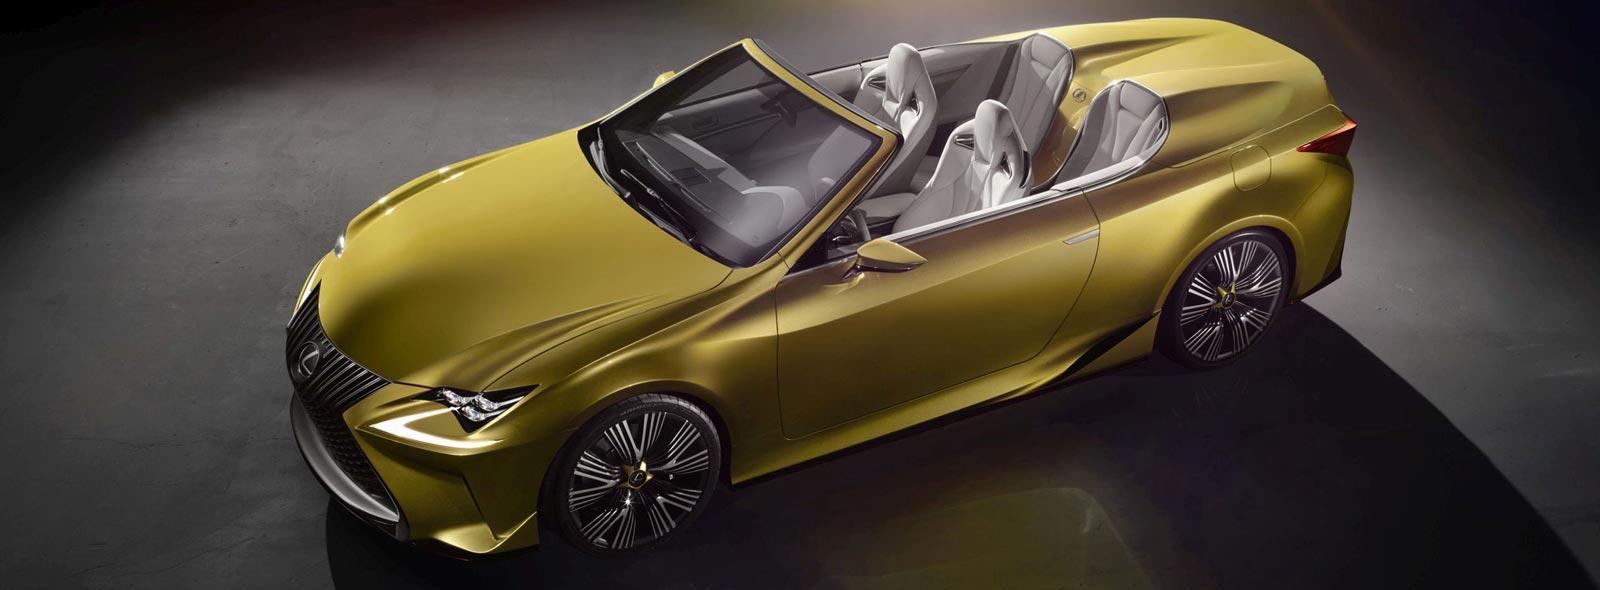 Lexus LF C2 Concept Car